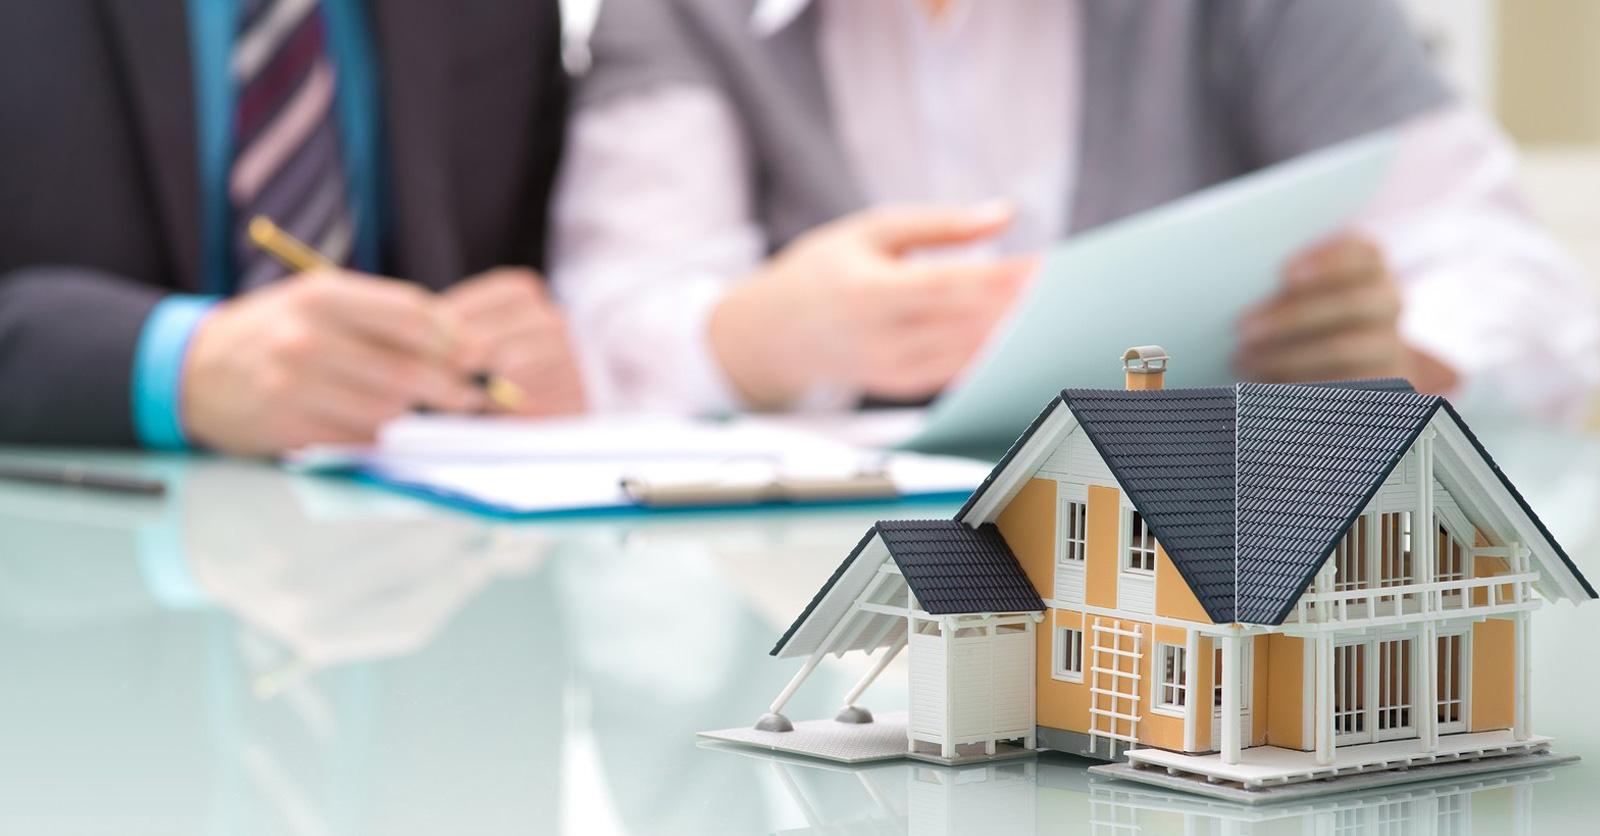 Mudanças no Crédito Imobiliário e a inclusão indevida de créditos